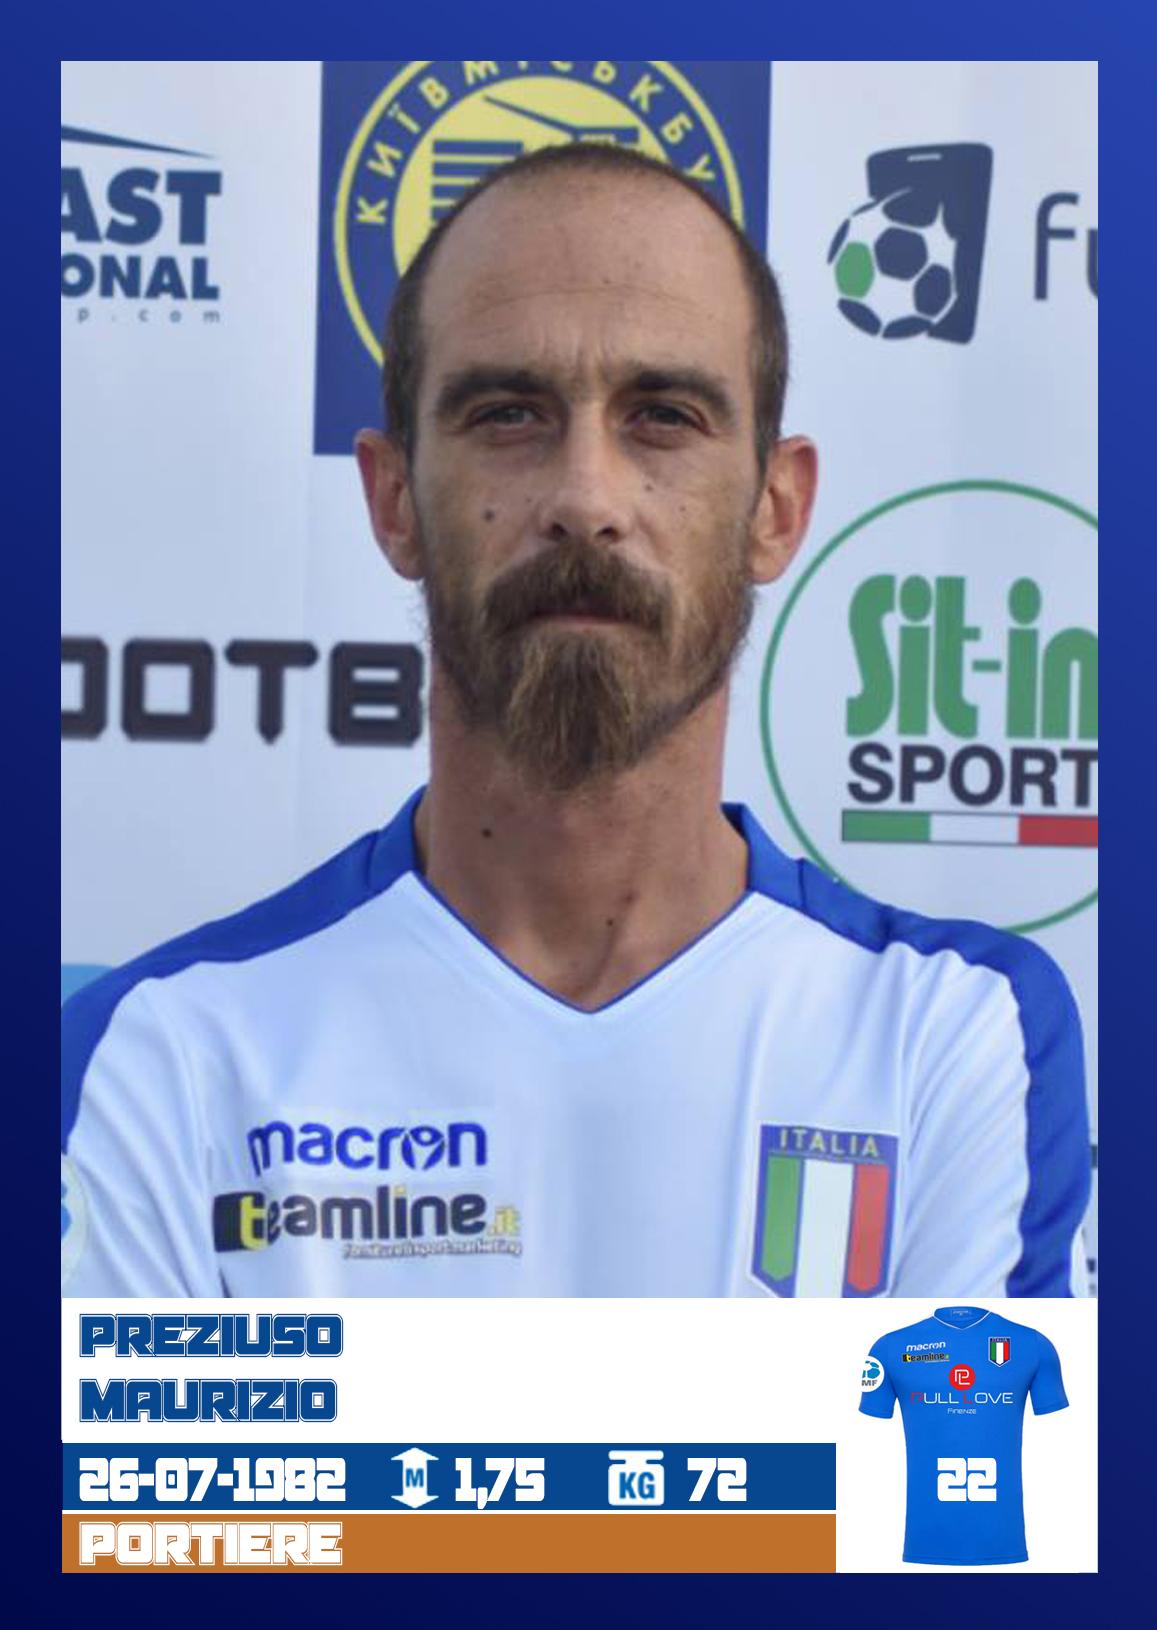 Maurizio Preziuso